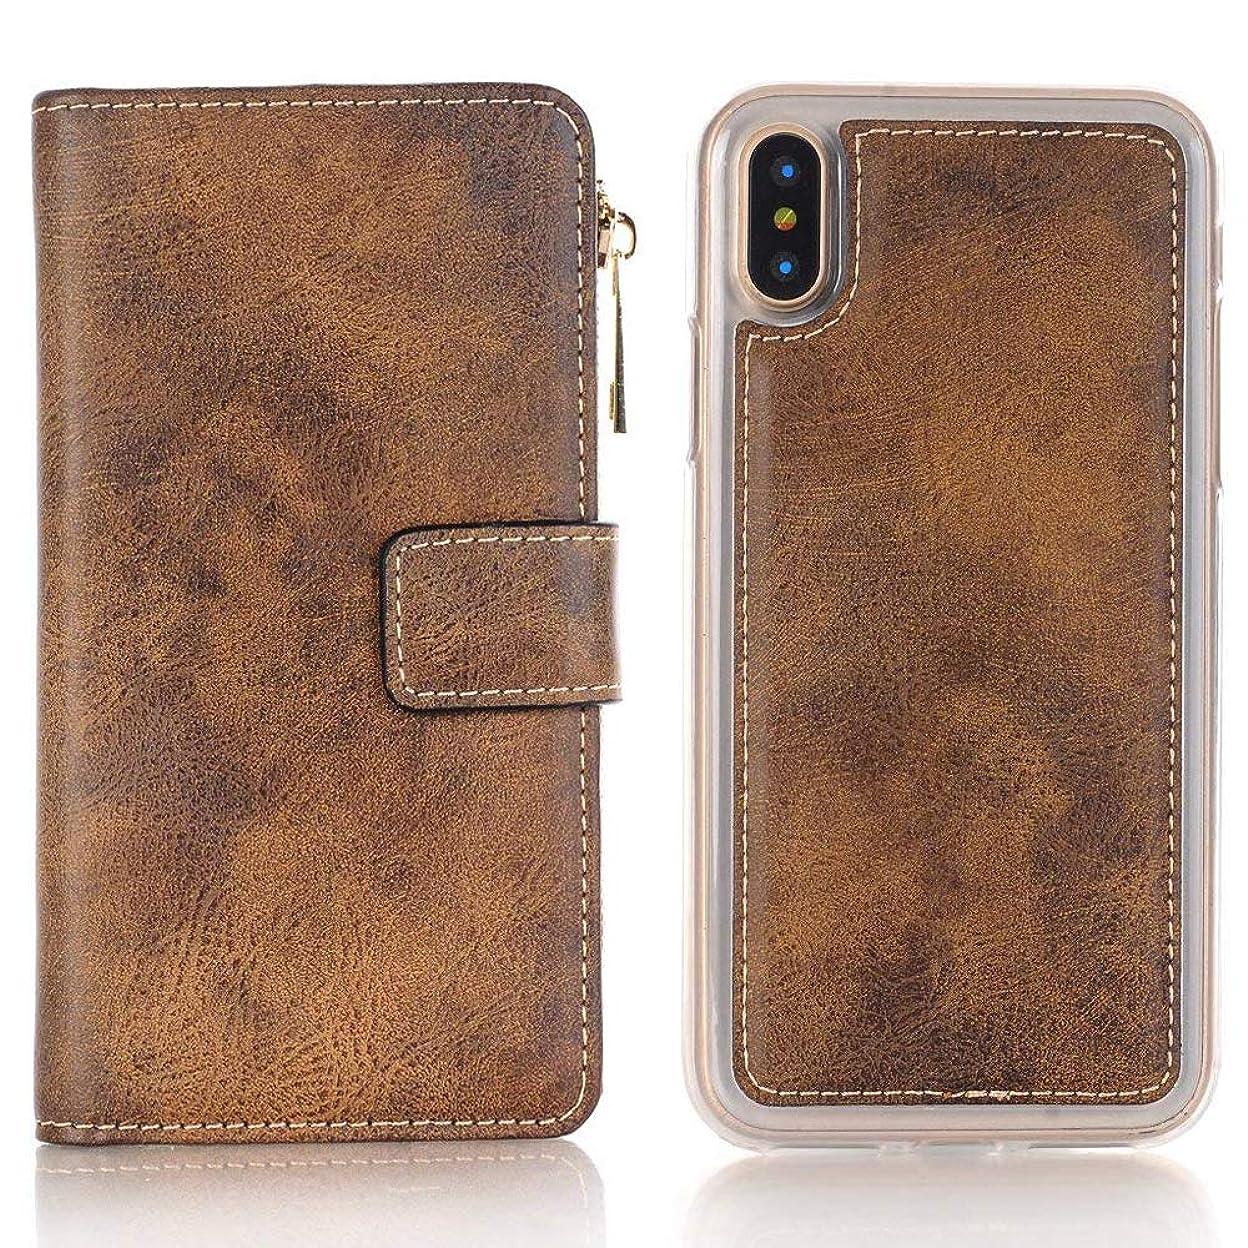 クールテープ閉塞iPhone X ケース 手帳型 INorton 全面保護カバー 耐衝撃 レンズ保護 カード収納 分離式 高品質レザー シリコン 軽量 マグネット式(ブラウン)